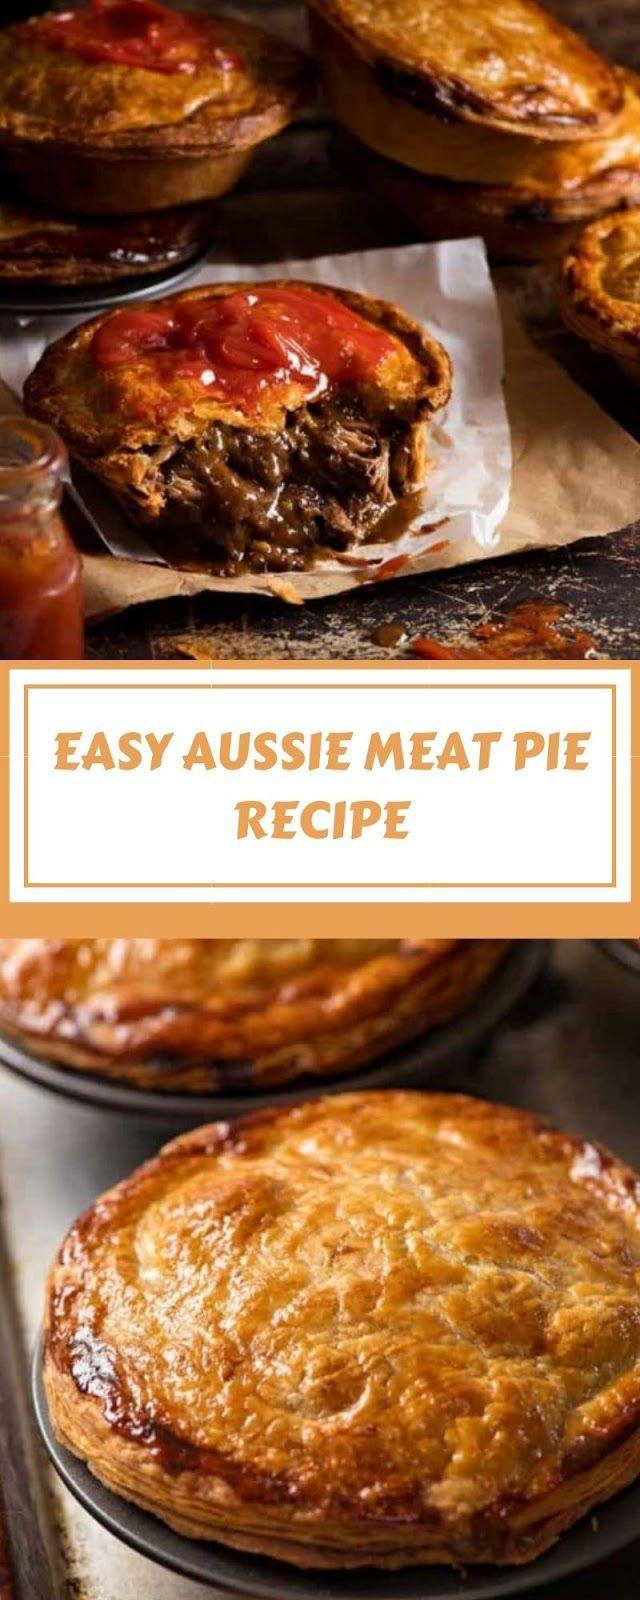 EASY AUSSIE MEAT PIE RECIPE in 2020 | Meat pie recipe ...